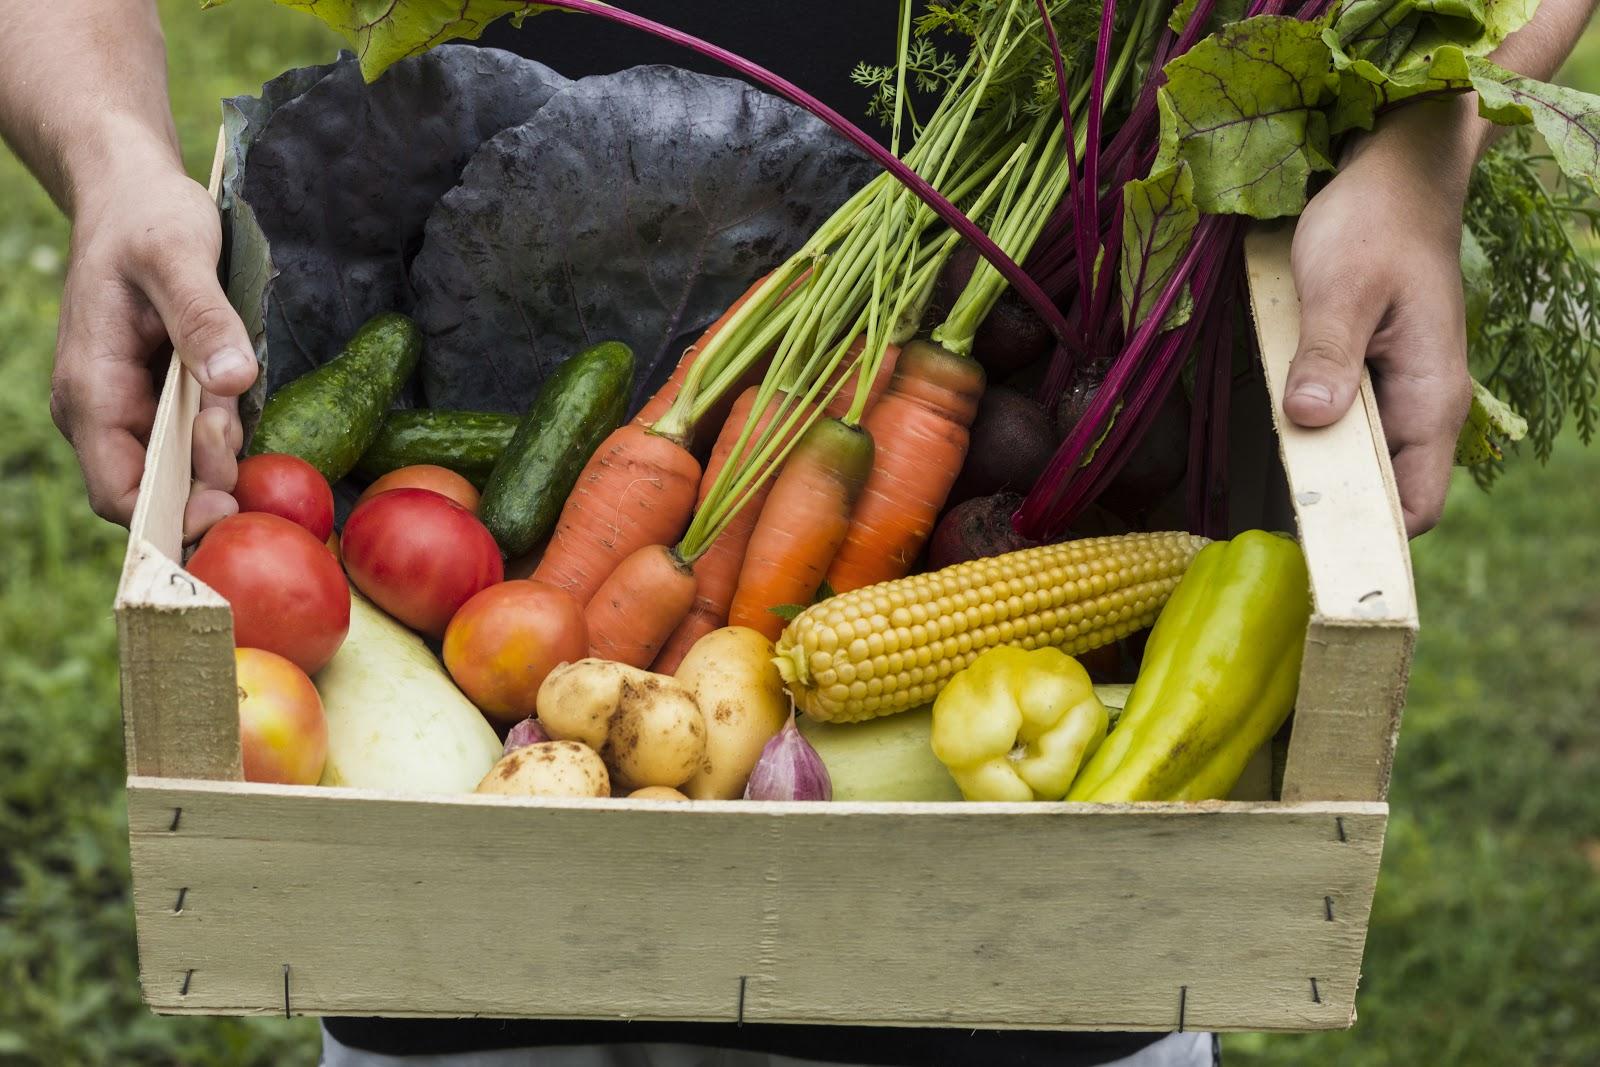 Україна посіла 2 місце за обсягами експорту органічної продукції до ЄС